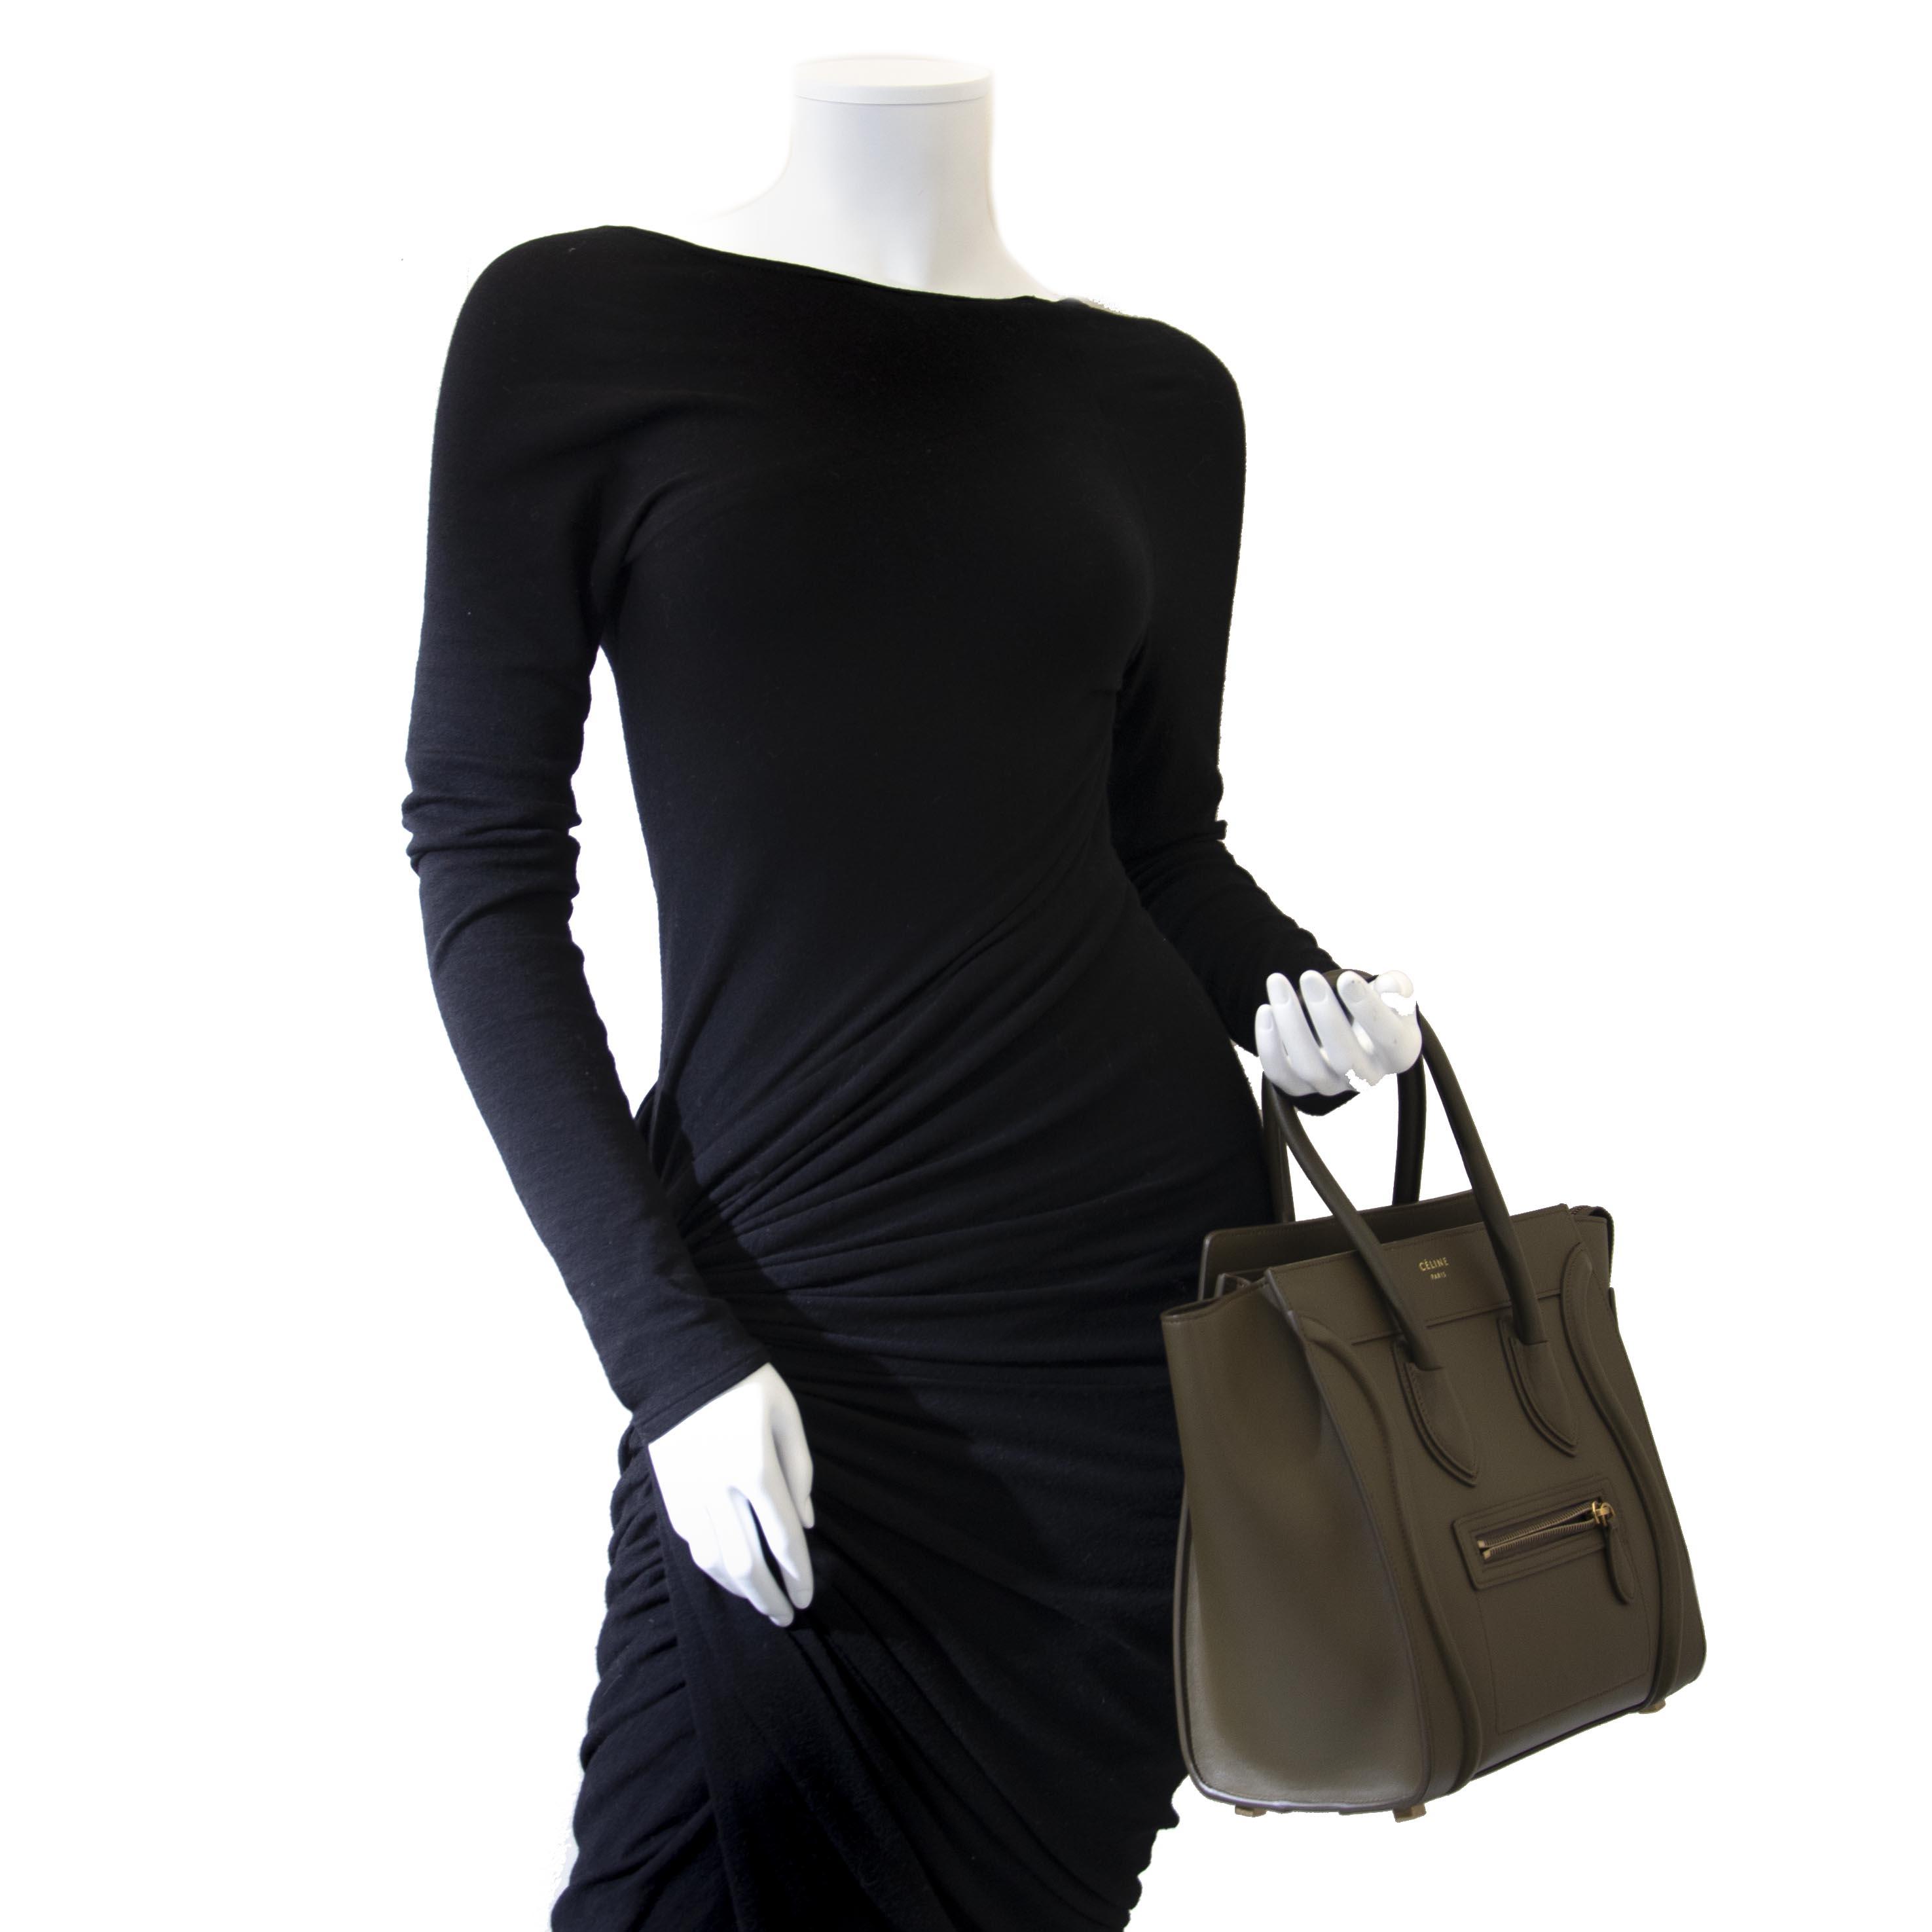 Celine Khaki Luggage Micro Shopper Tote pour le meilleur prix chez Labellov à Anvers Belgique